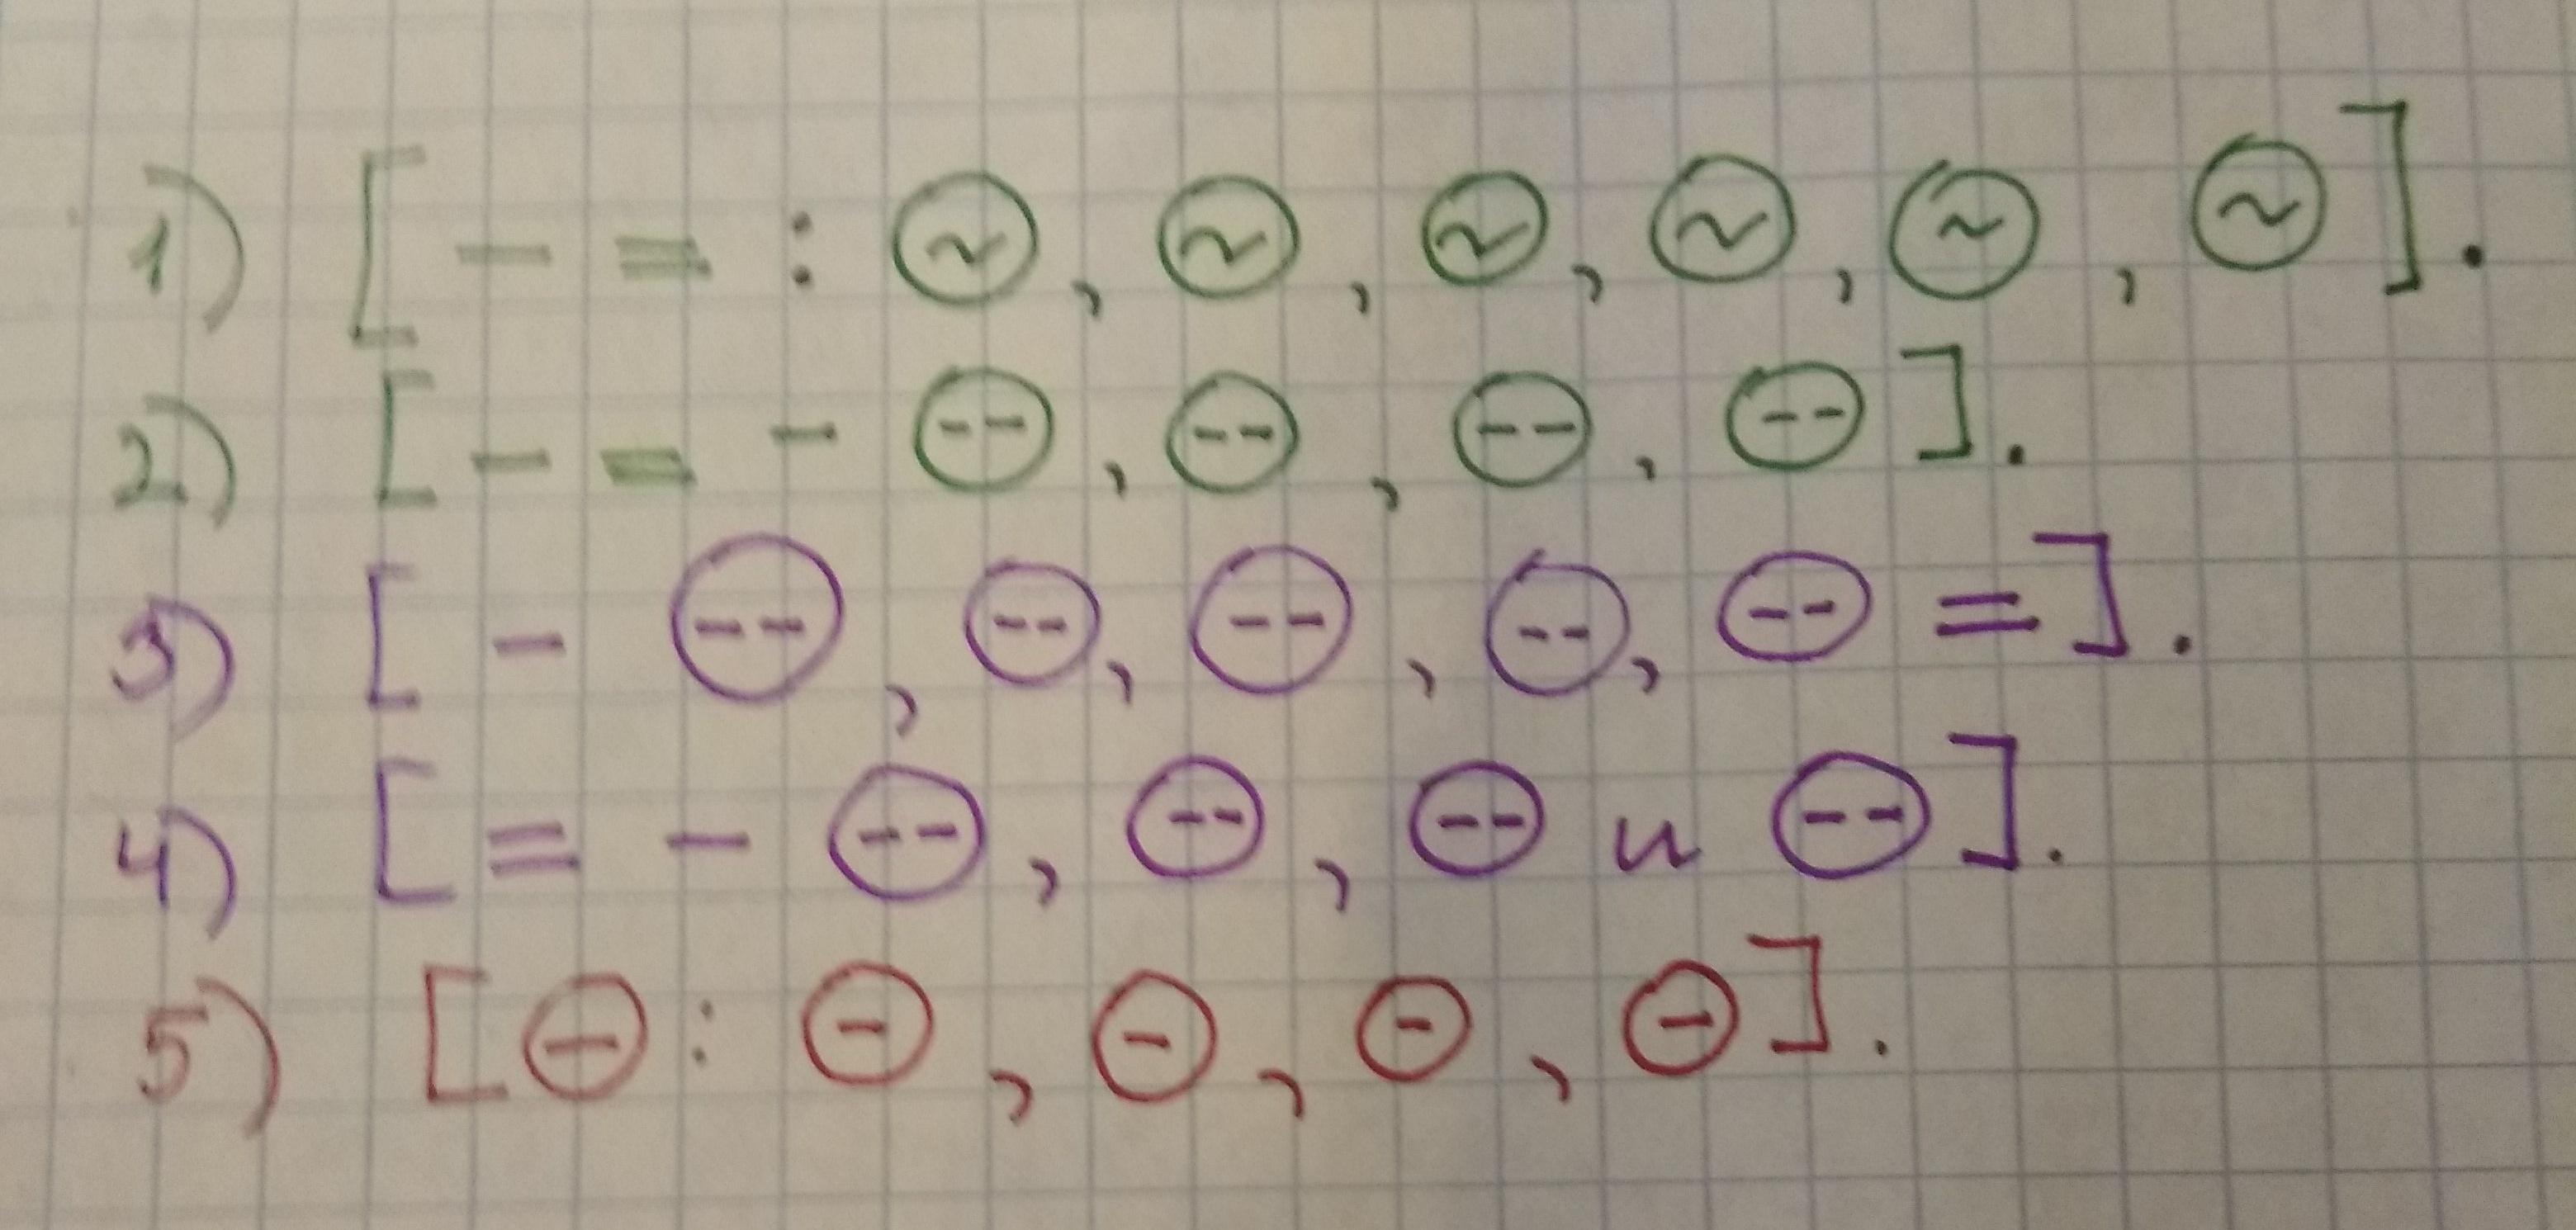 картинки из учебников биологии химии физики предложения с однородными изображения катрина